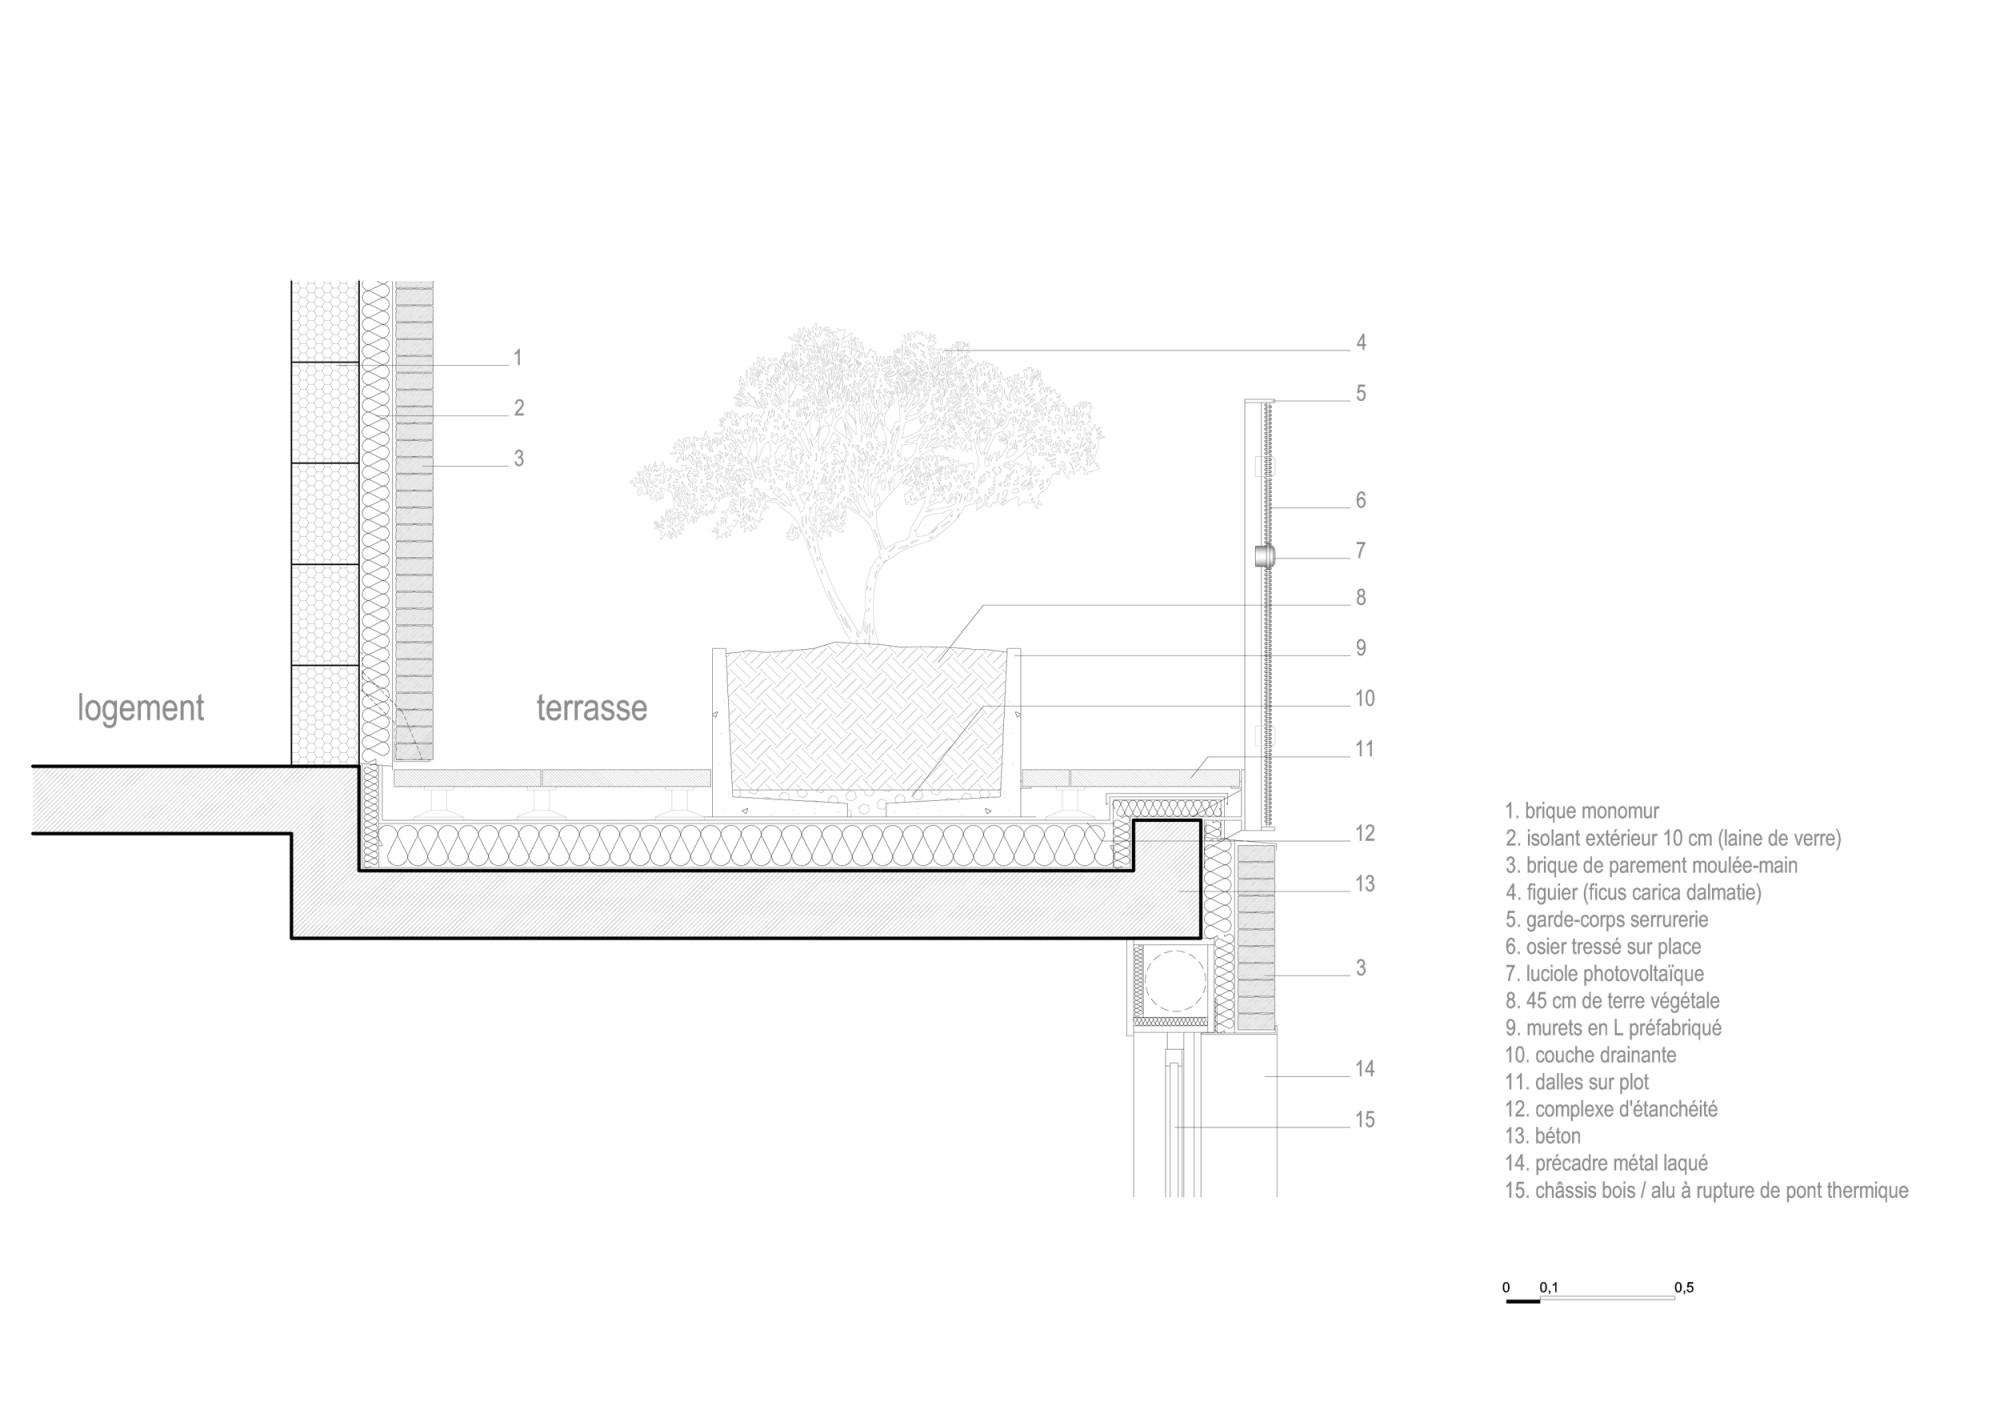 wohnblock le candide in vitry sur seine mauerwerk wohnen mfh baunetz wissen. Black Bedroom Furniture Sets. Home Design Ideas